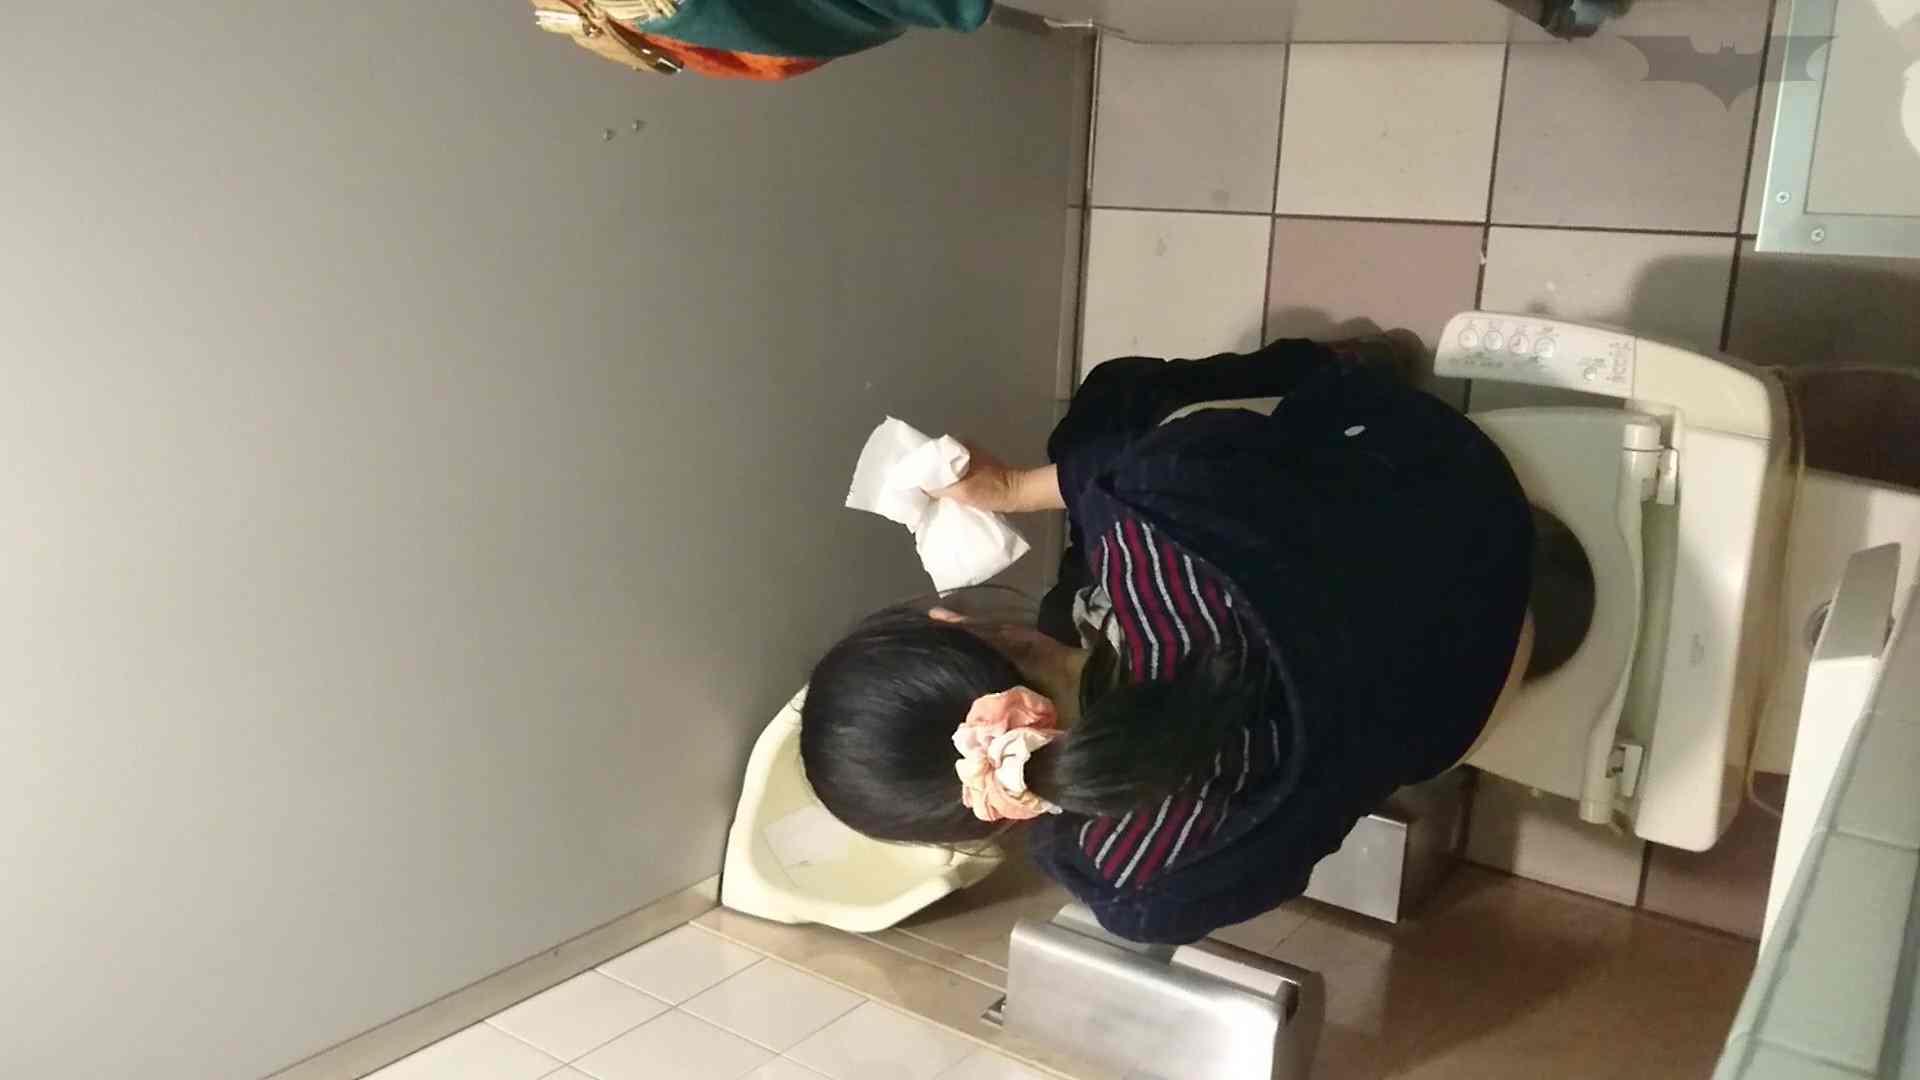 化粧室絵巻 ショッピングモール編 VOL.16 丸見え  59PIX 11